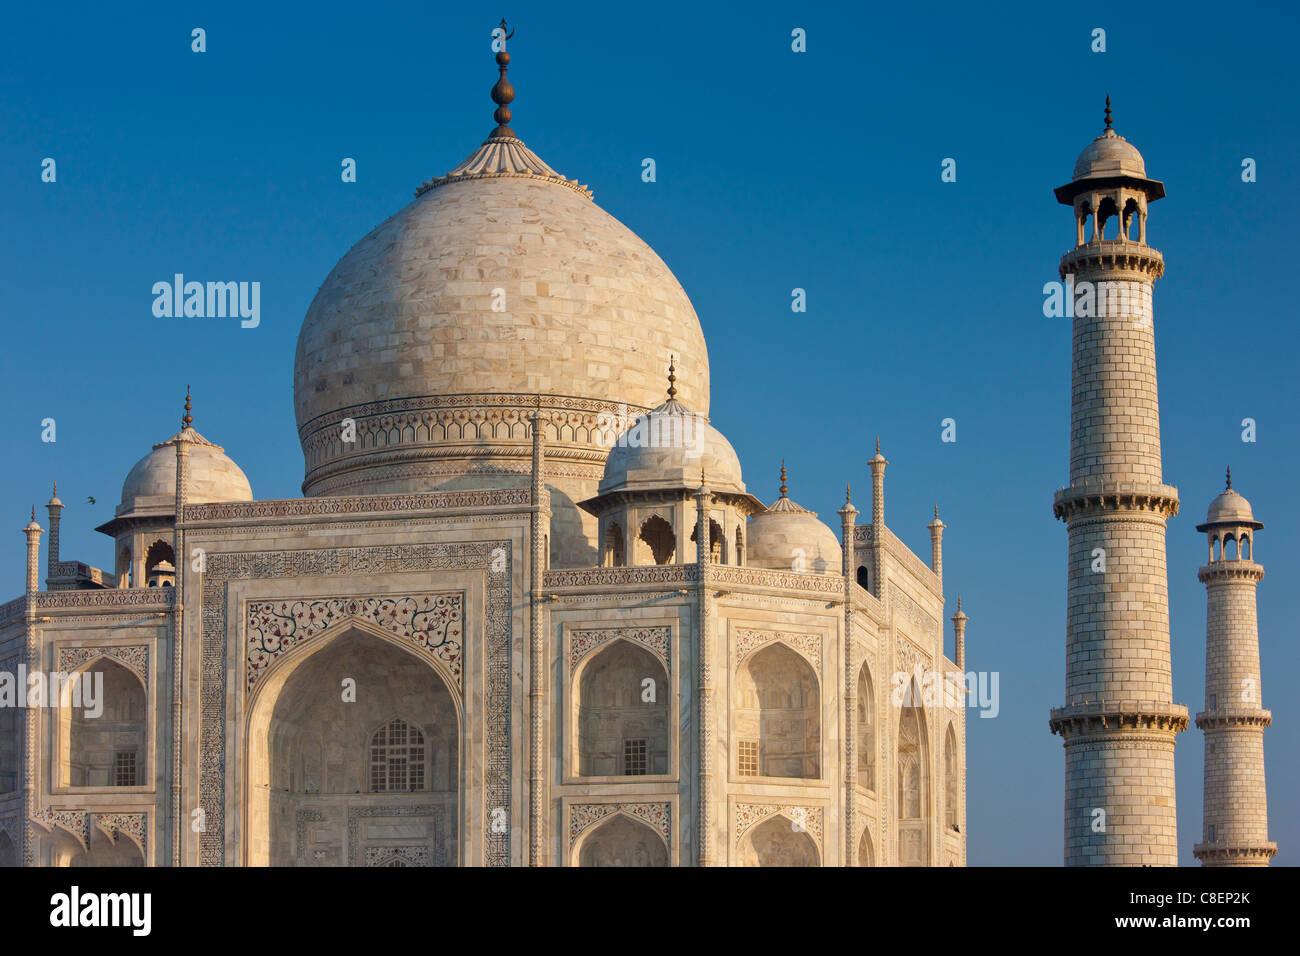 Iwans del Taj Mahal mausoleo, southern visualizza dettagli diamond faccette con bassorilievo in marmo, Uttar Pradesh, Immagini Stock